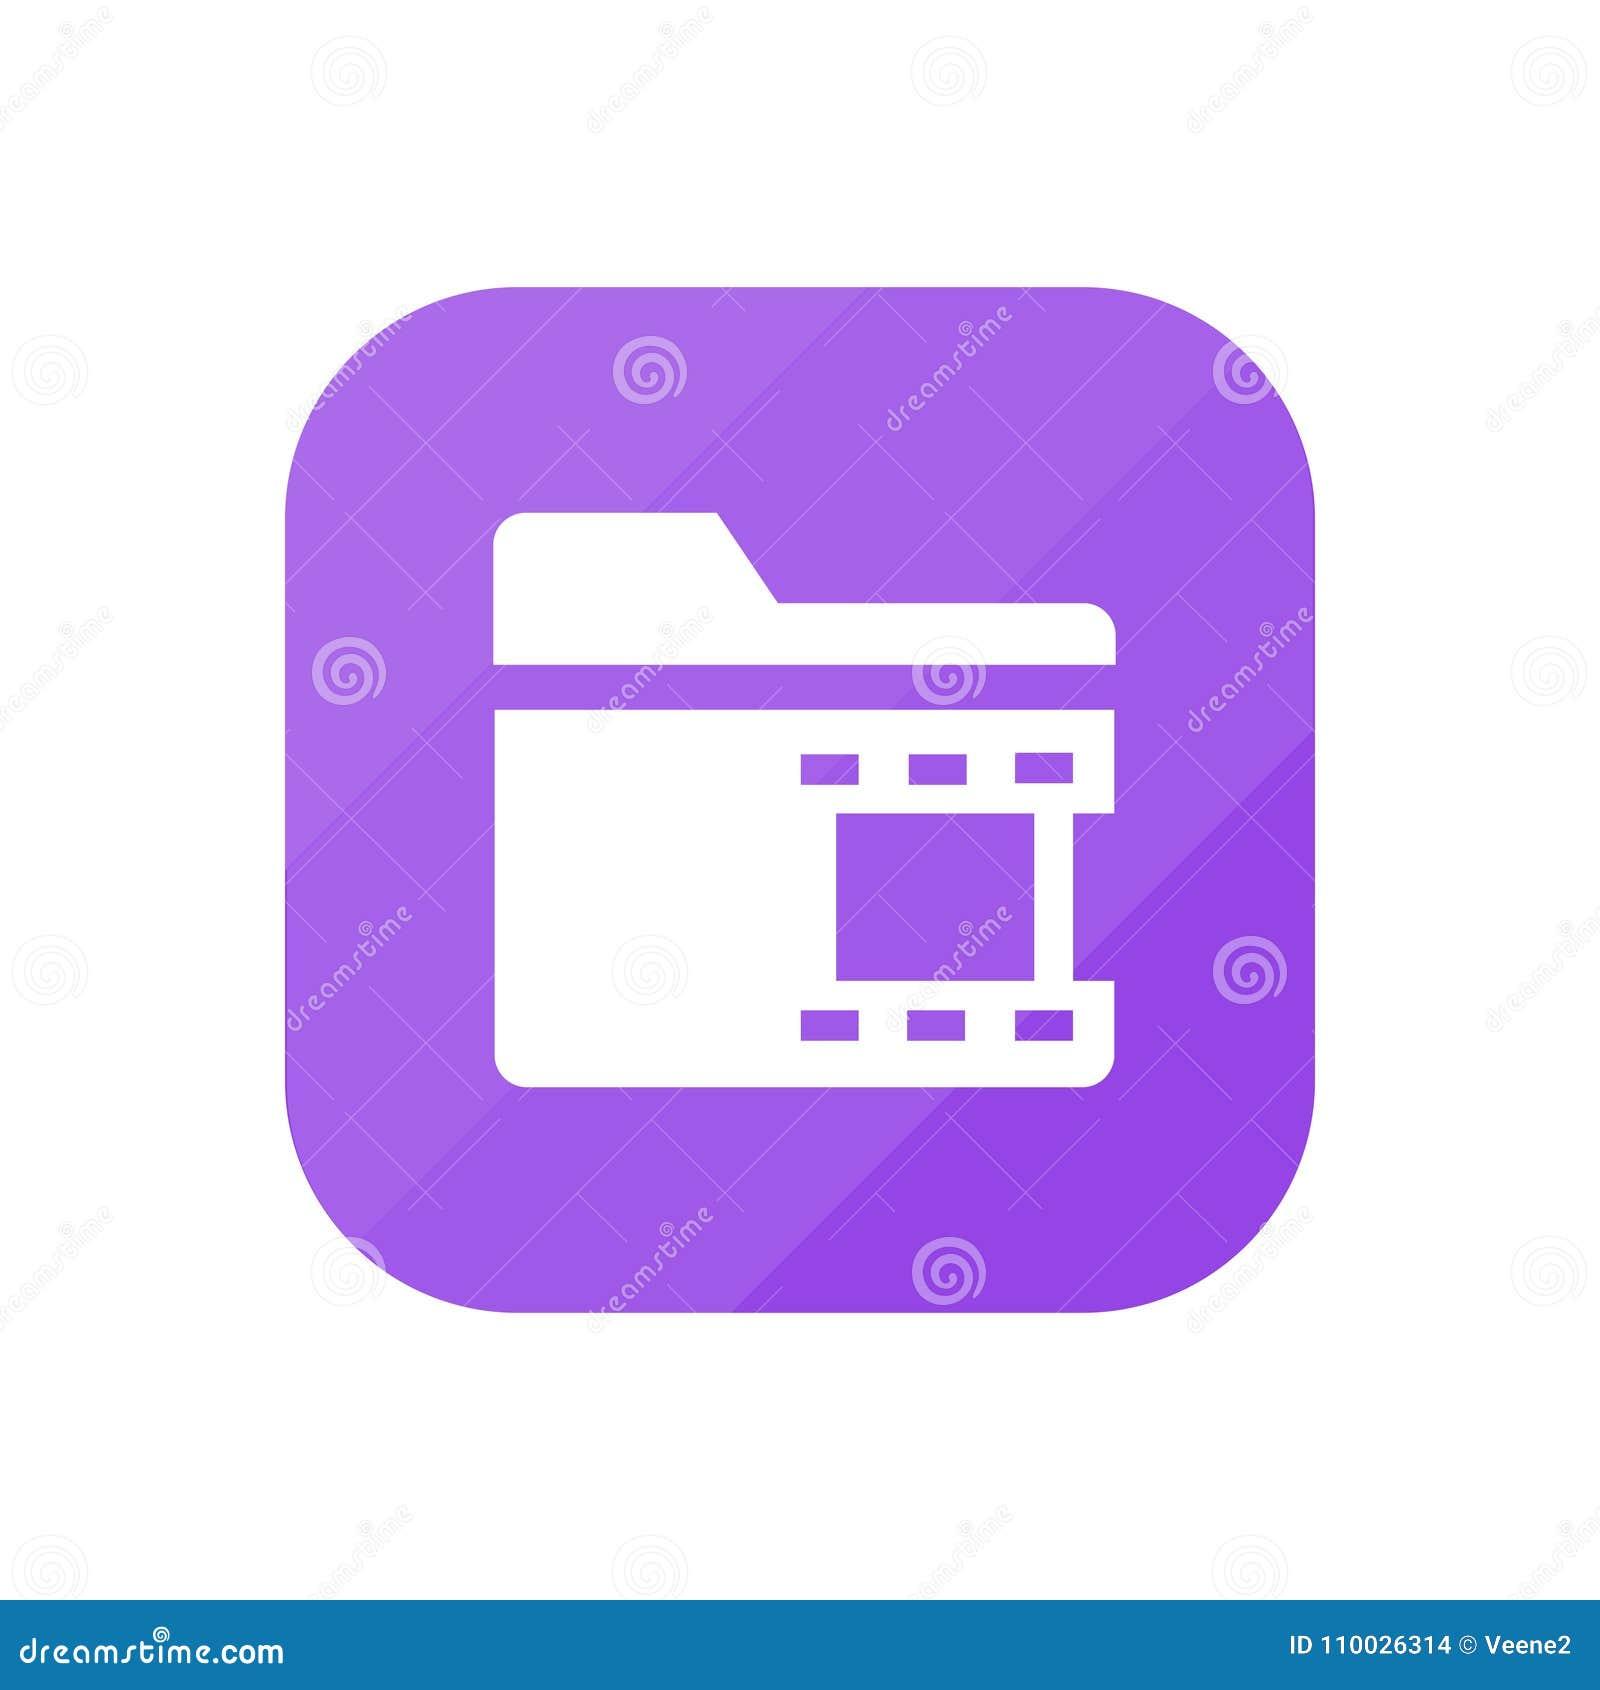 Video somslag - App Pictogram